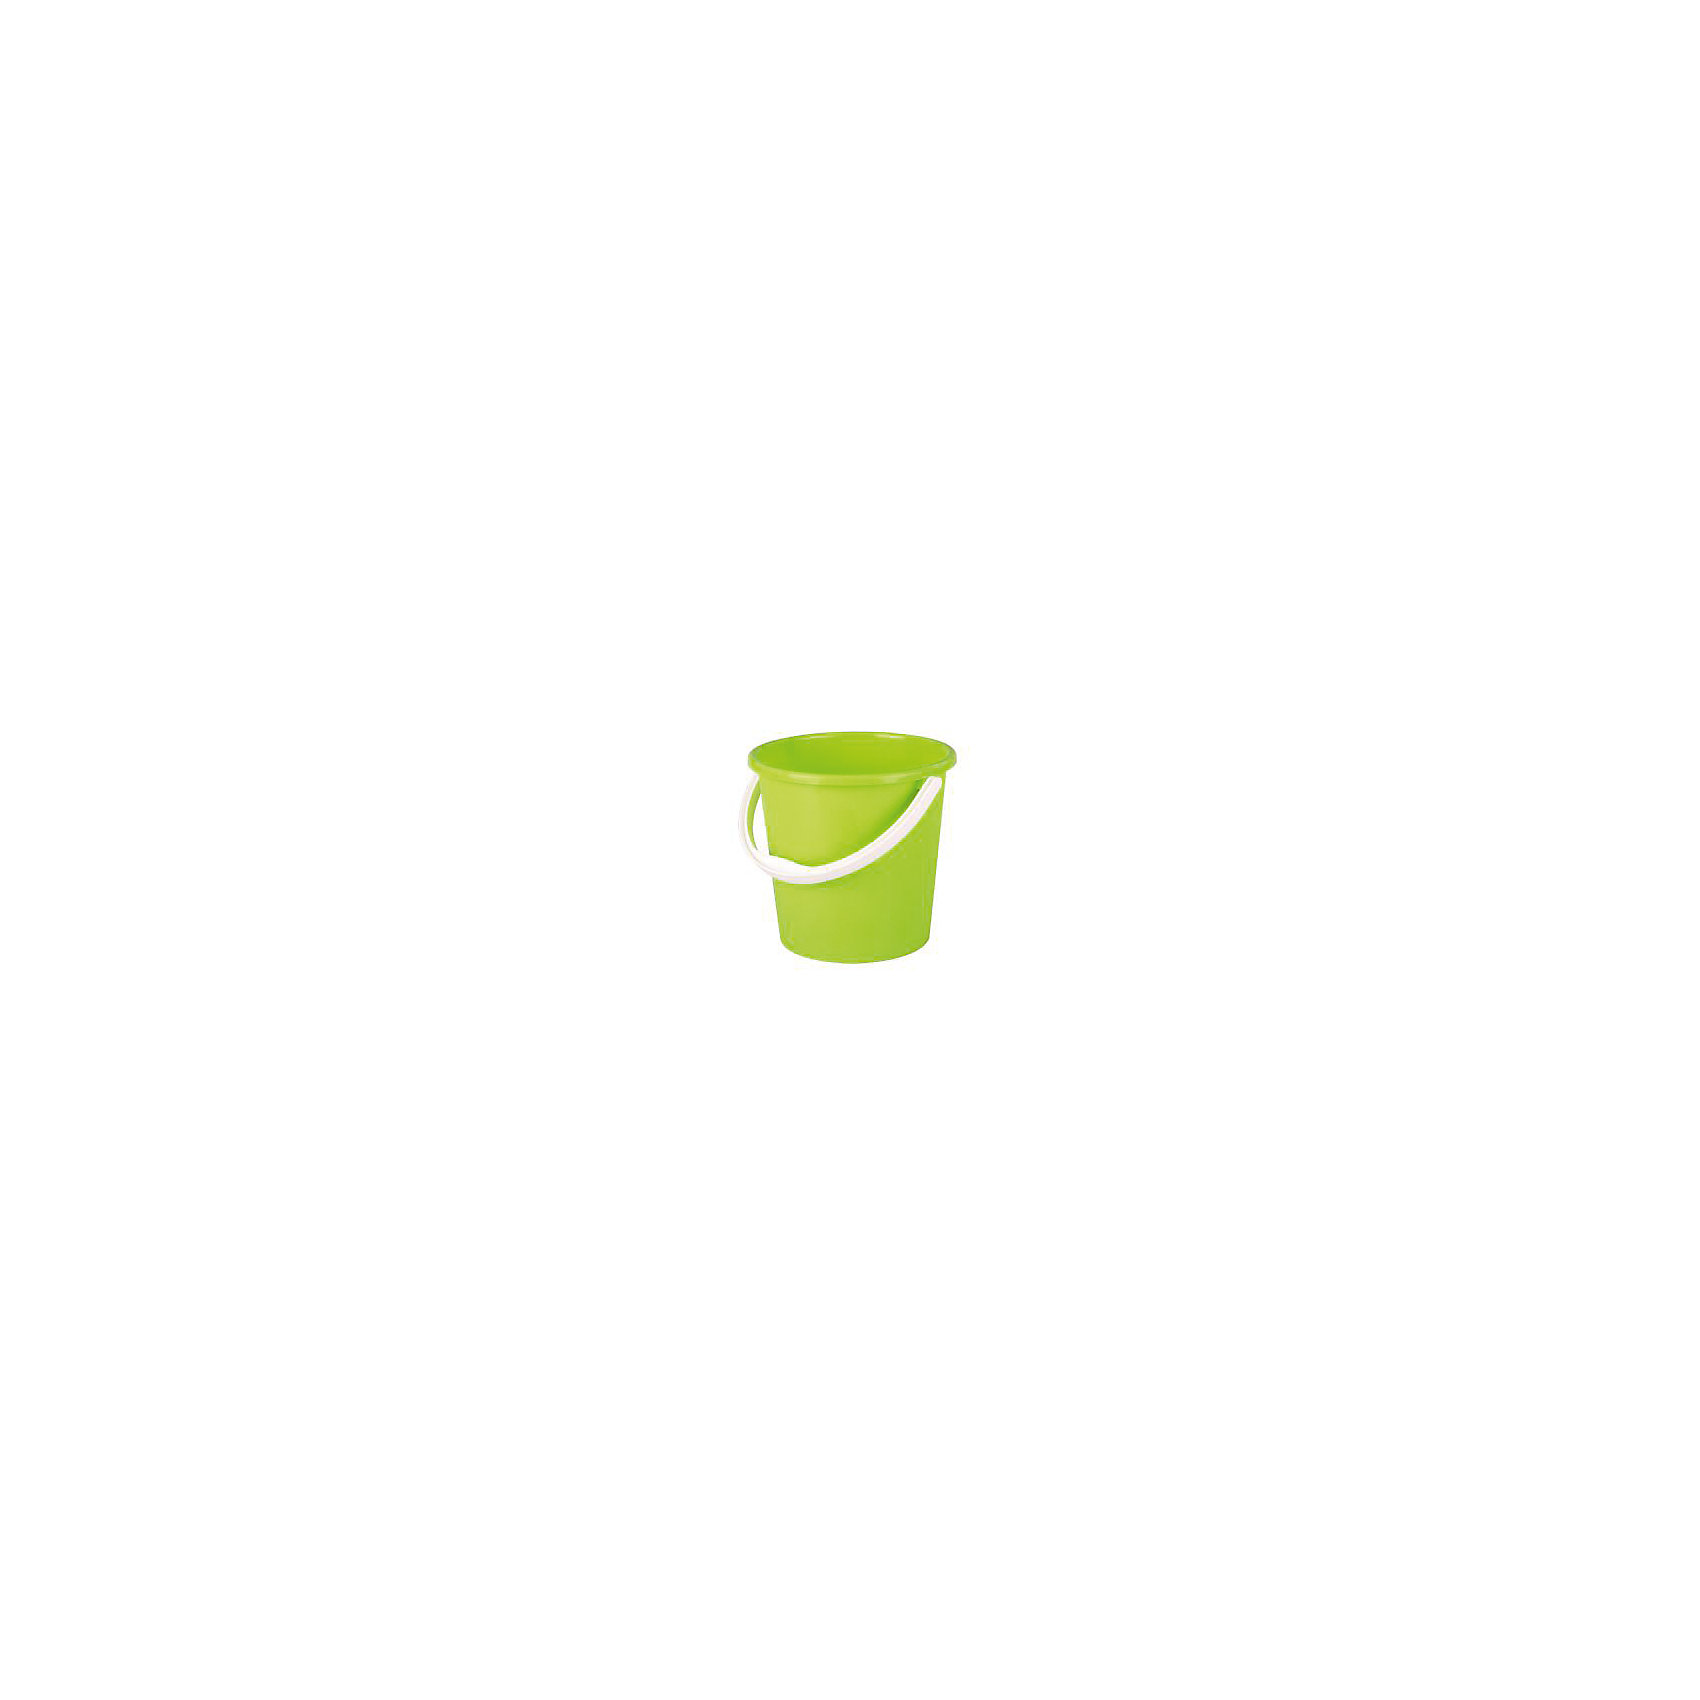 Ведро 3л, Alternativa, салатовыйВанная комната<br>Ведро Садовод 3л, Alternativa (Альтернатива), салатовый <br><br>Характеристики:<br><br>• удобная ручка с выступом<br>• объем: 3 литра<br>• материал: пластик<br>• размер: 20х19х17,5 см<br>• цвет: салатовый<br><br>Для ухода за садом и огородом вам поможет ведро Садовод. В ведро можно налить необходимое количество воды или сложить в него предметы для ухода за садом. Оно изготовлено из прочного пластика и имеет удобную ручку с выступом. Объем ведра - 3 литра.<br><br>Ведро Садовод 3л, Alternativa (Альтернатива), салатовый вы можете купить в нашем интернет-магазине.<br><br>Ширина мм: 200<br>Глубина мм: 190<br>Высота мм: 175<br>Вес г: 500<br>Возраст от месяцев: 216<br>Возраст до месяцев: 1188<br>Пол: Унисекс<br>Возраст: Детский<br>SKU: 5475637